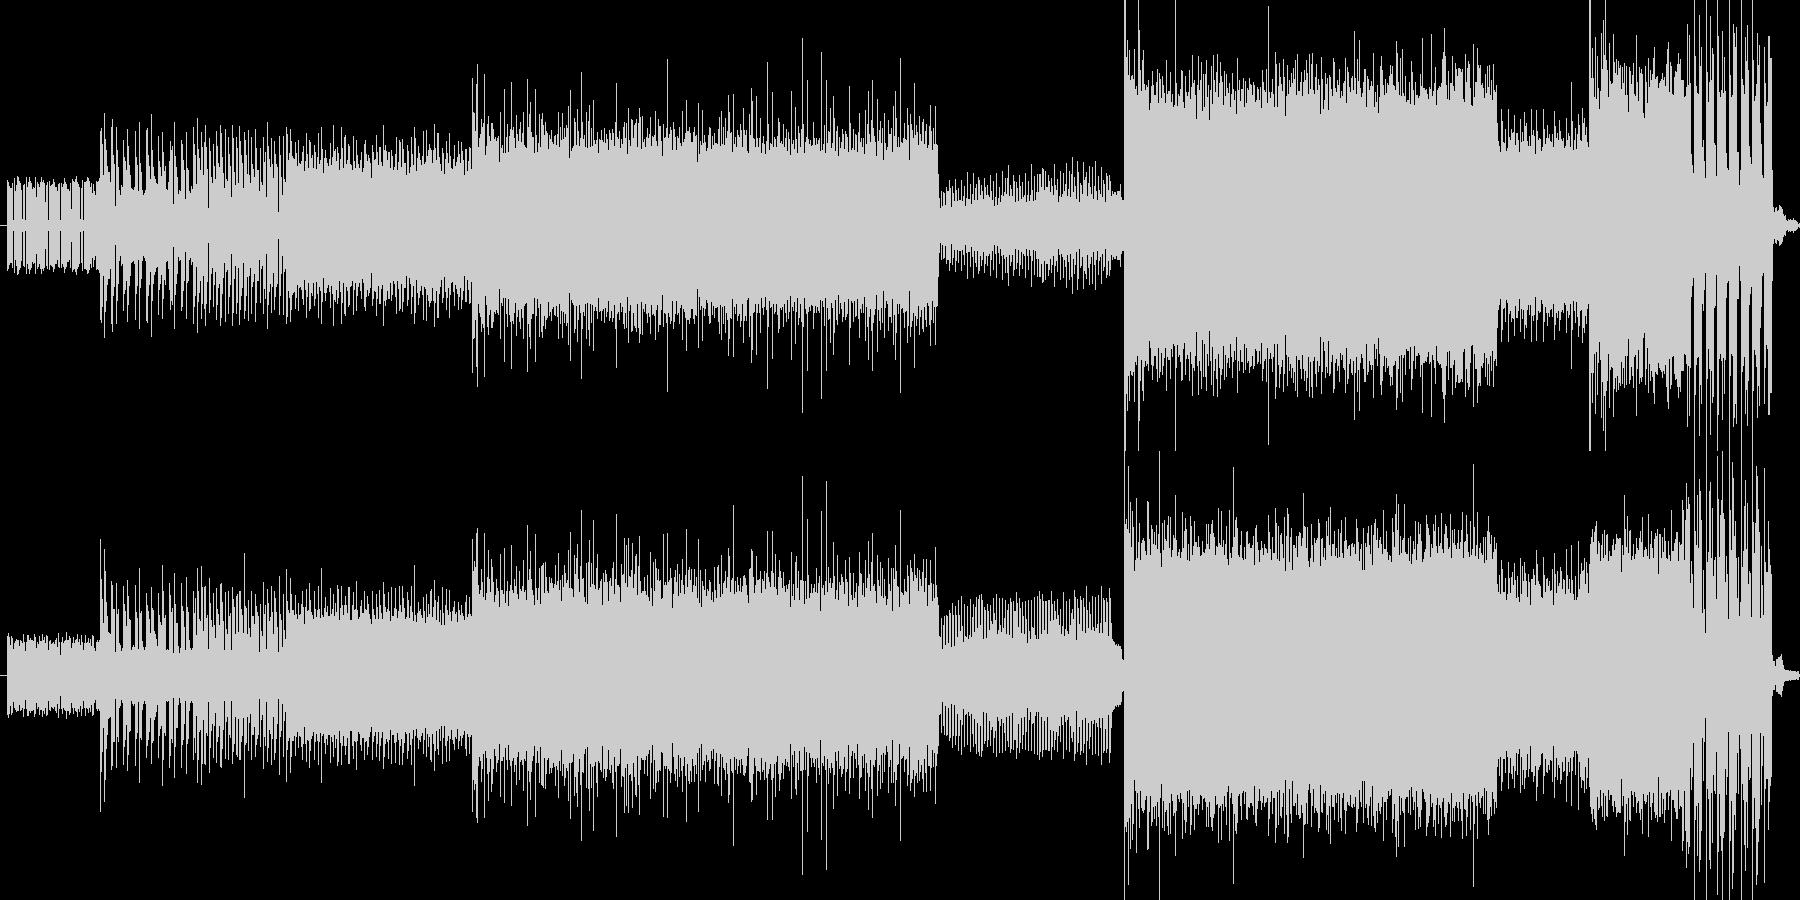 ダークでヘヴィで壮大なイメージの楽曲で…の未再生の波形